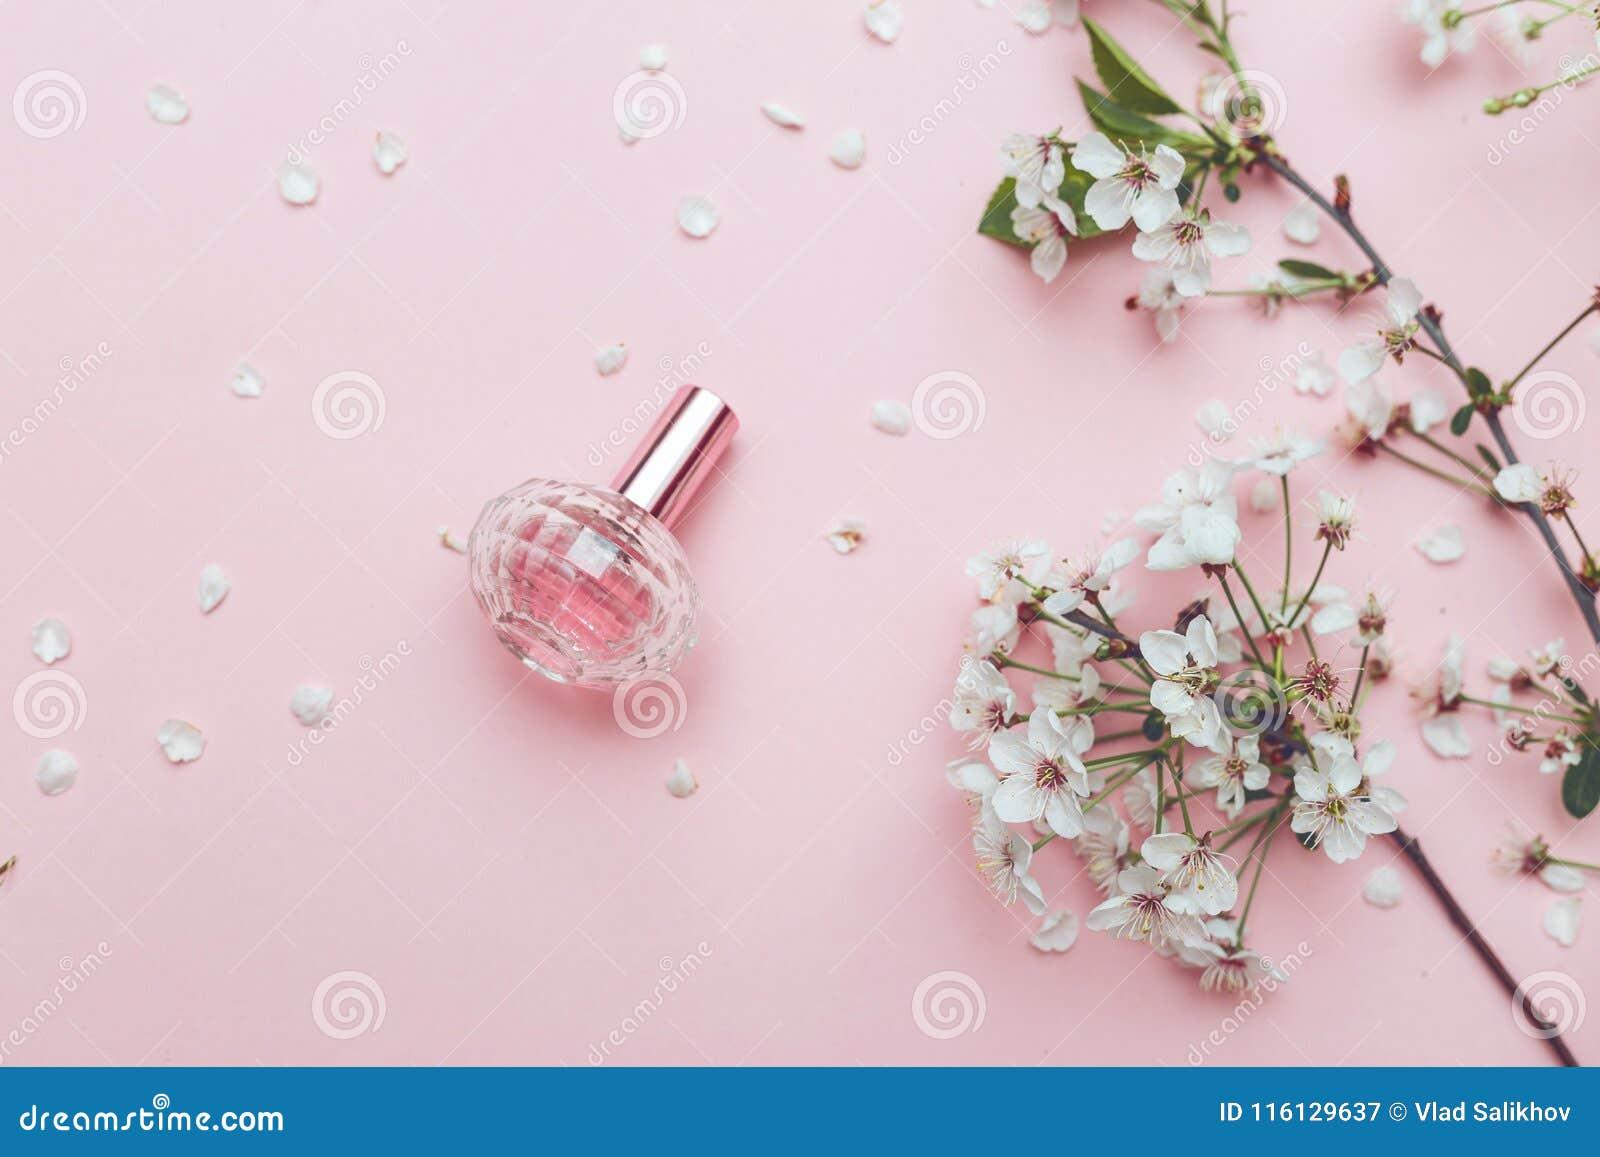 Άρωμα ψεκασμού χεριών γυναικών ` s ρύθμιση λουλουδιών Λουλούδια, άρωμα, άρωμα στο ρόδινο υπόβαθρο